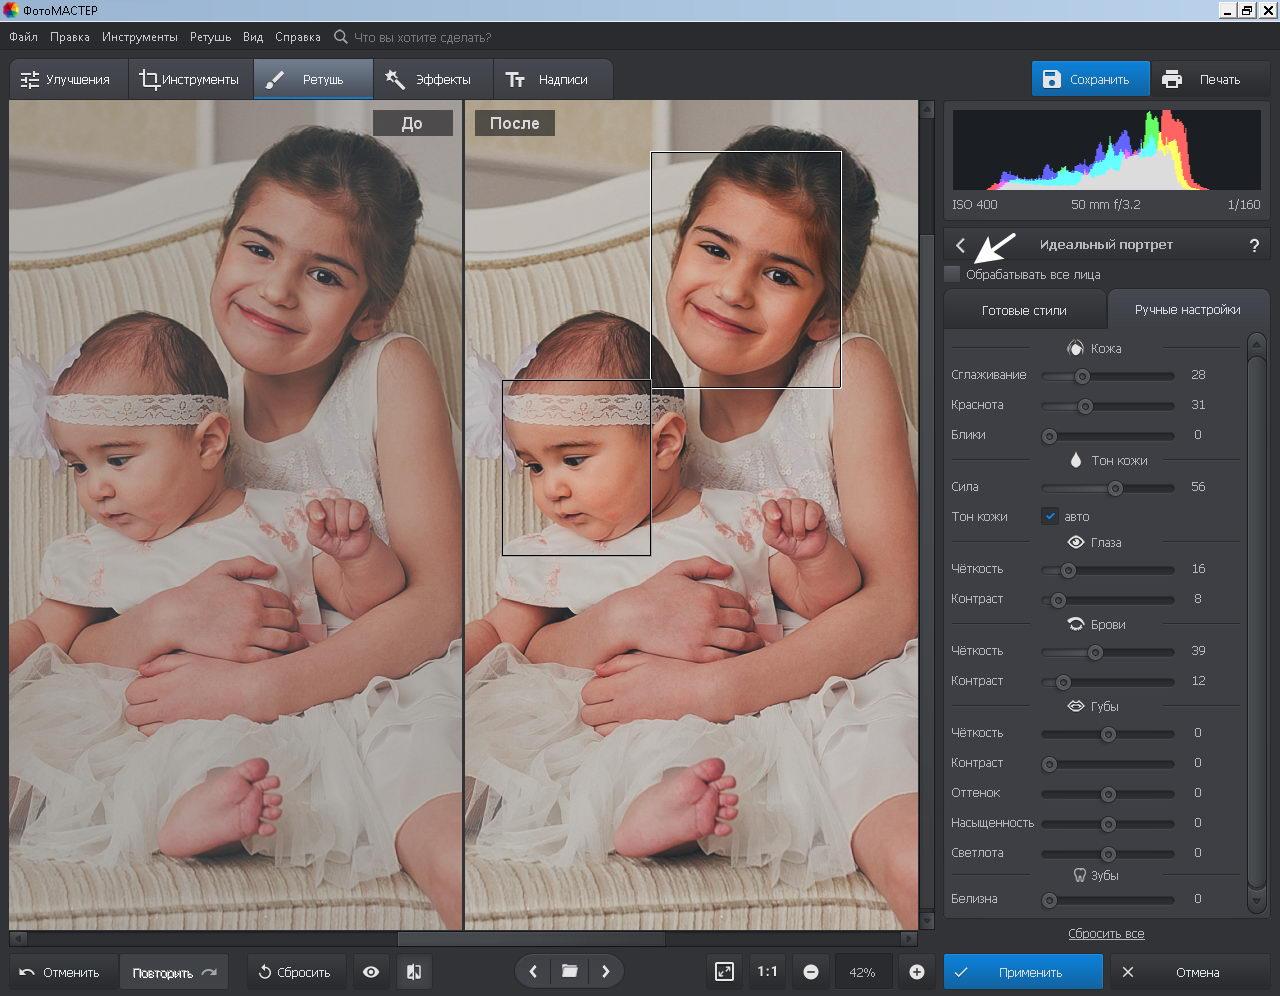 Автоматическая обработка фотографий в редакторе №16